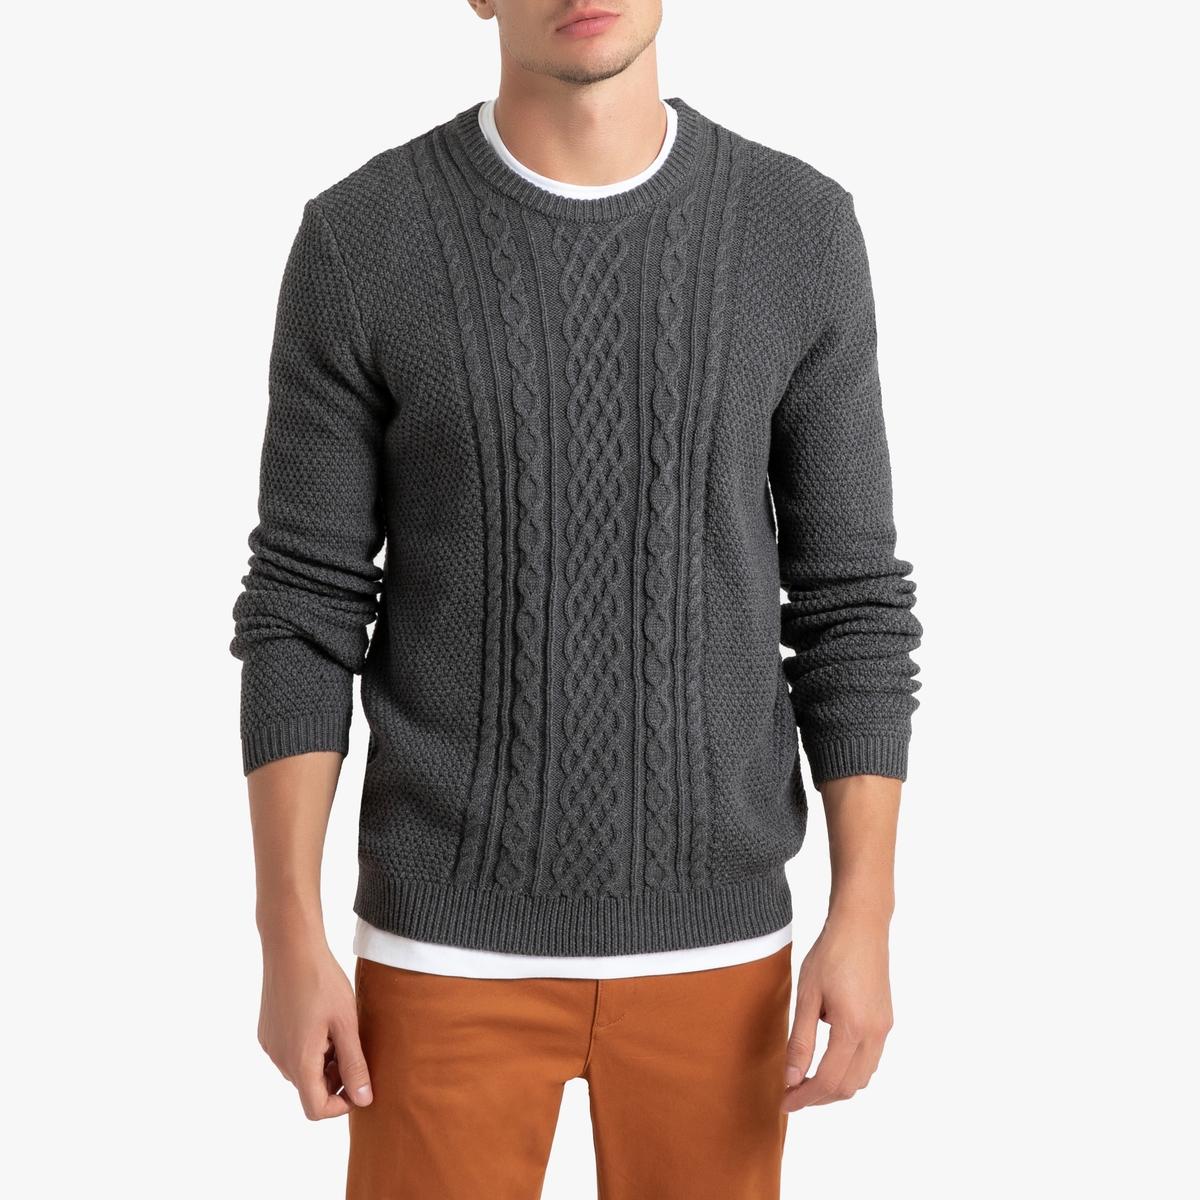 Пуловер La Redoute С круглым вырезом с плетением из плотного трикотажа 3XL серый пуловер la redoute с круглым вырезом из плотного трикотажа 3xl бежевый